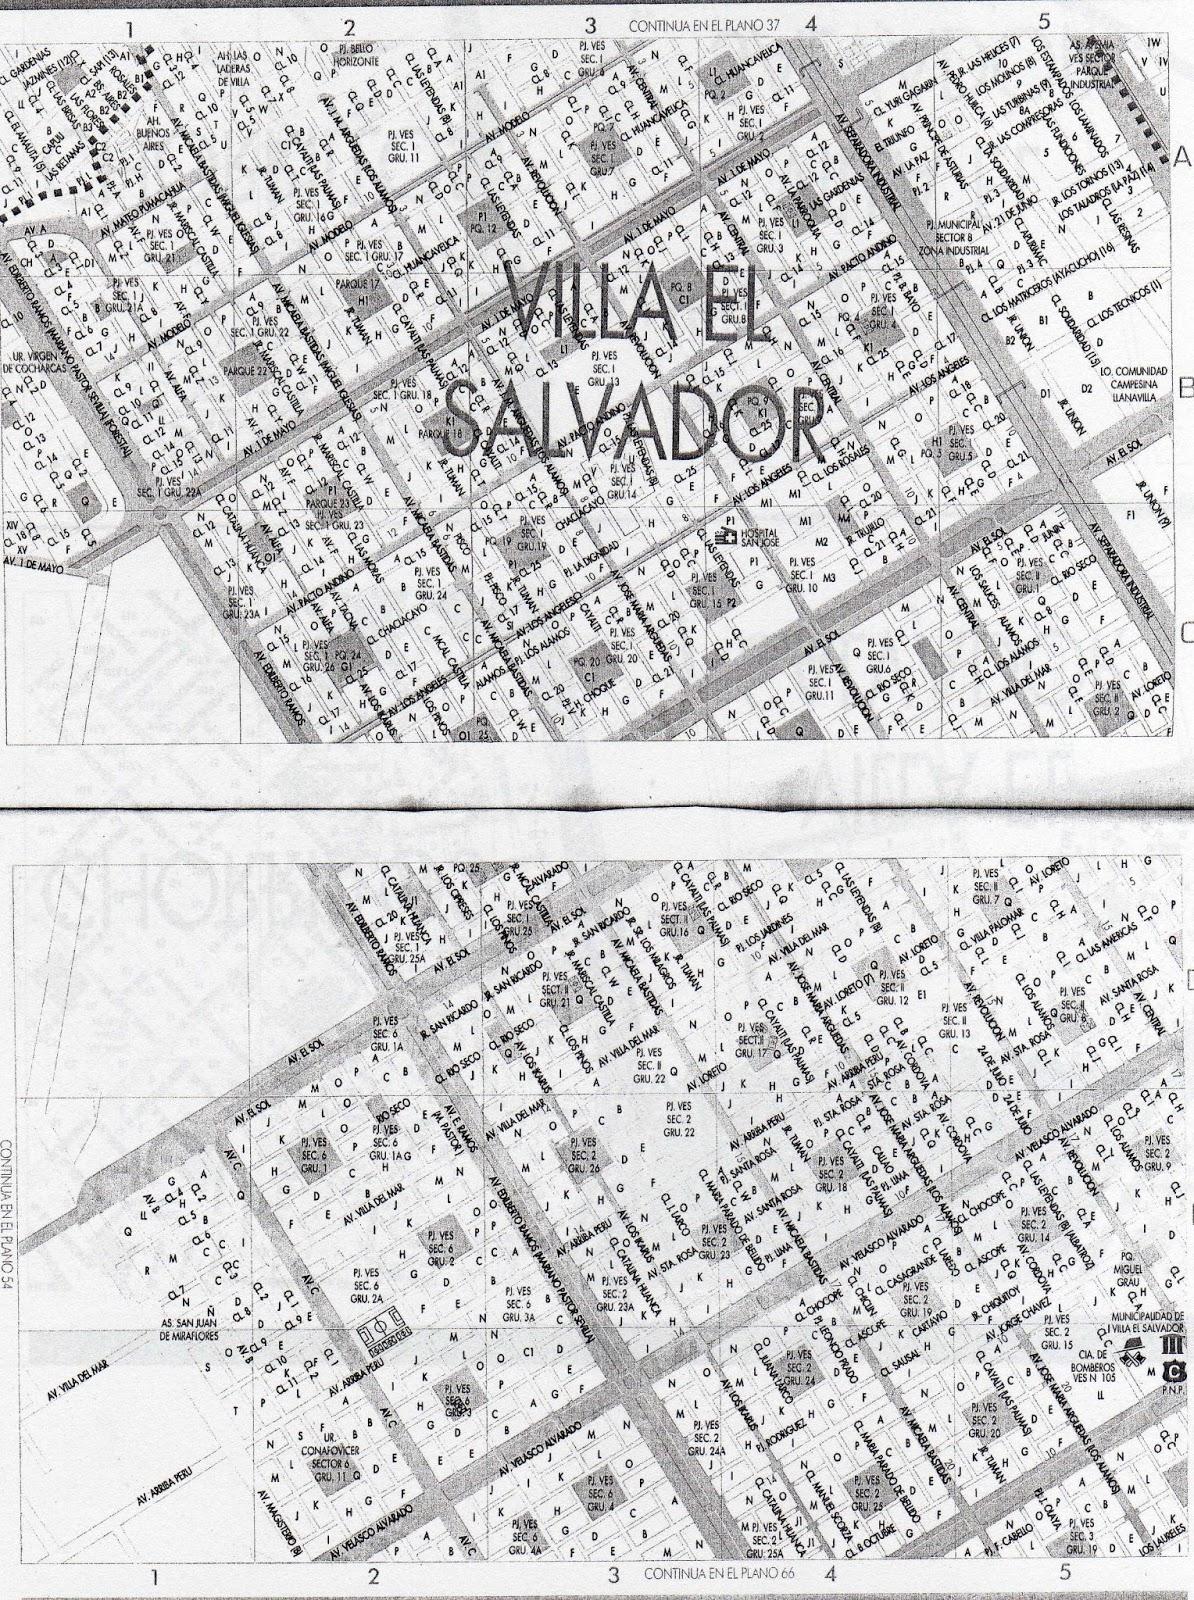 Para Mis Tareas Mapa Diagrama Villa El Salvador